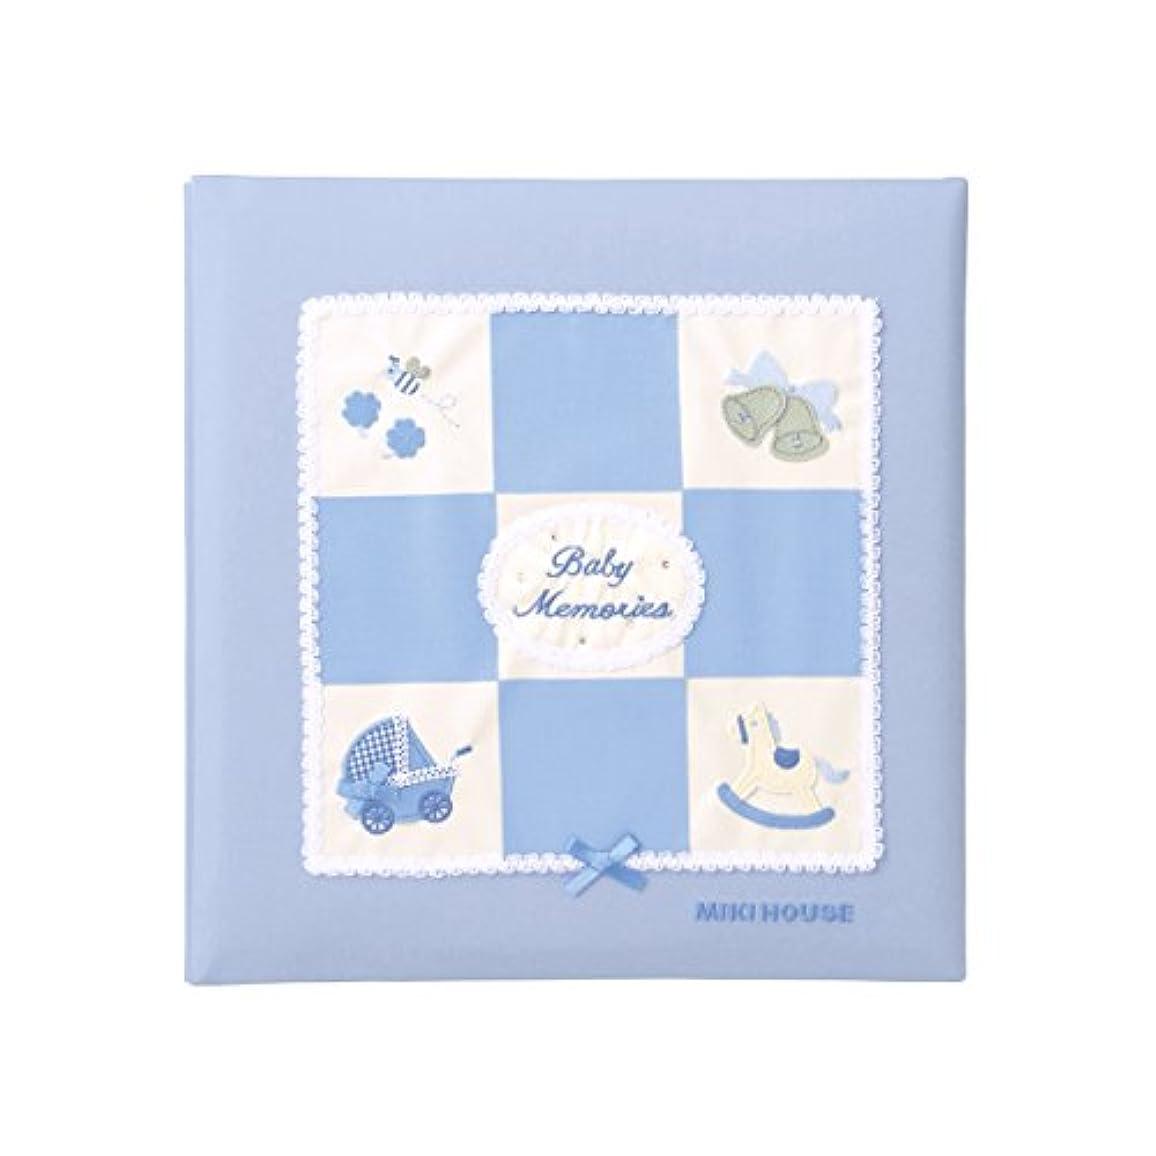 お別れ引き渡すだらしないミキハウス (MIKIHOUSE) アルバム 46-1250-783 - ブルー